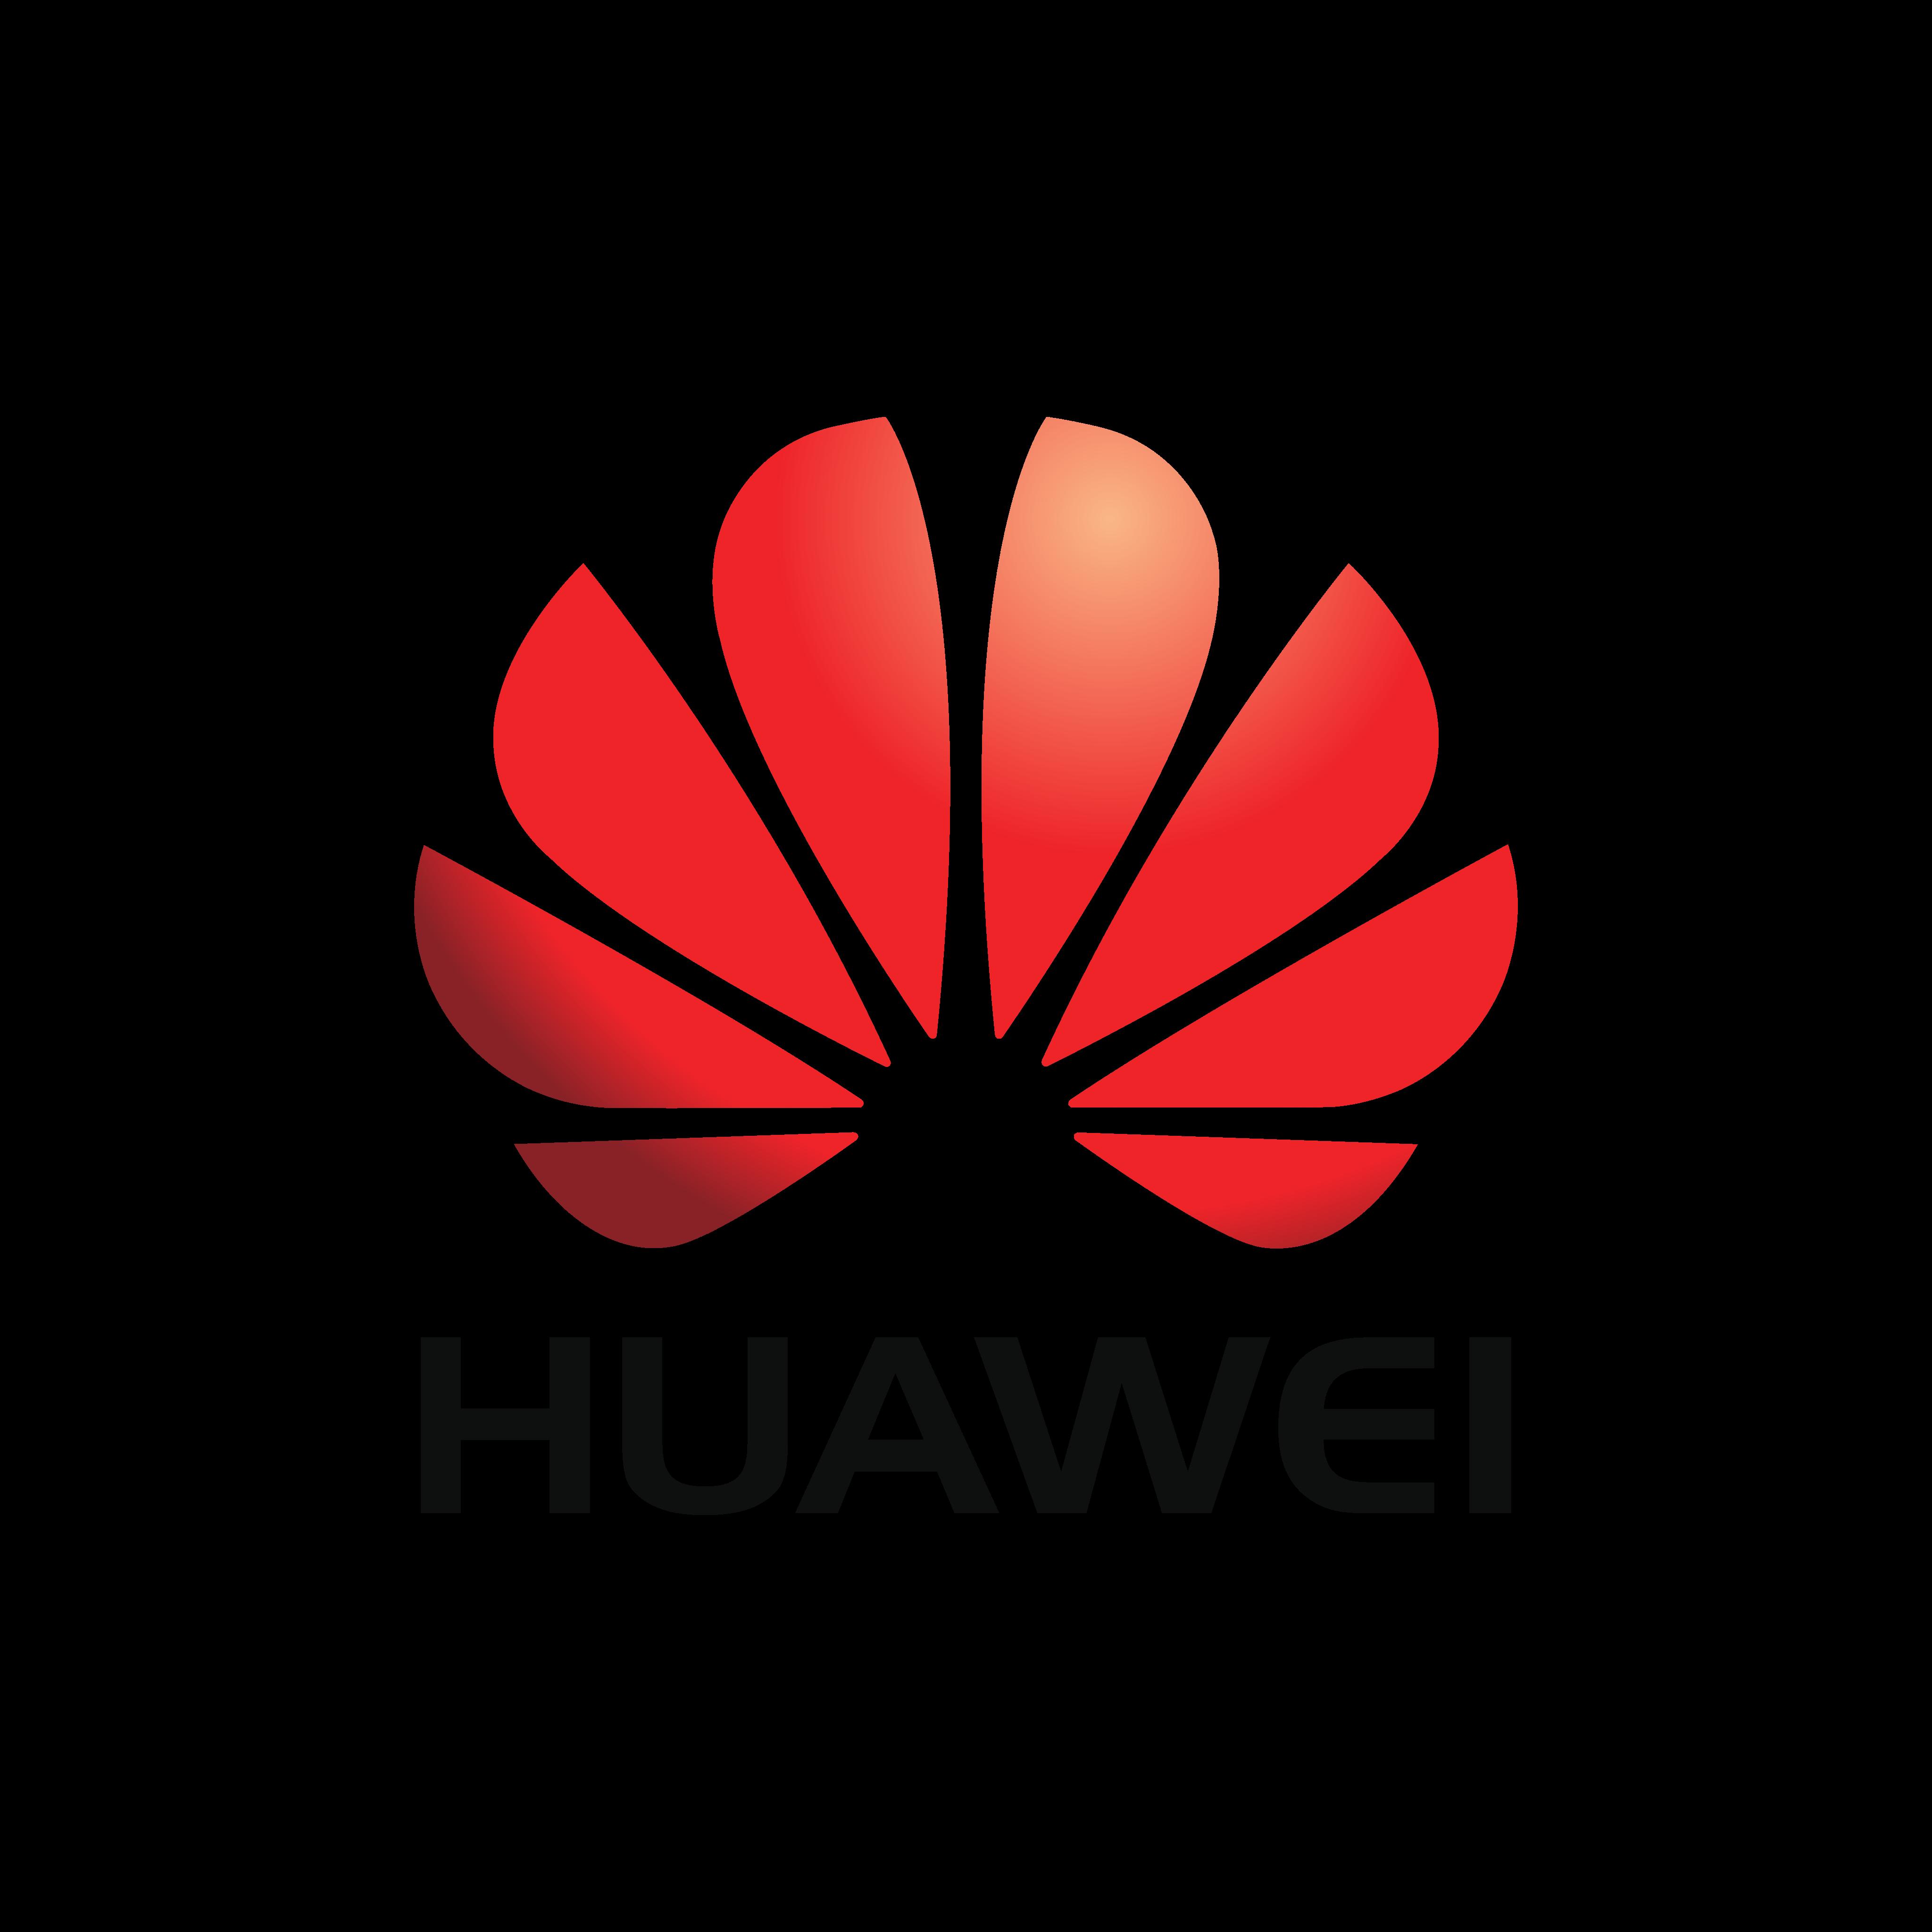 huawei logo 0 - Huawei Logo